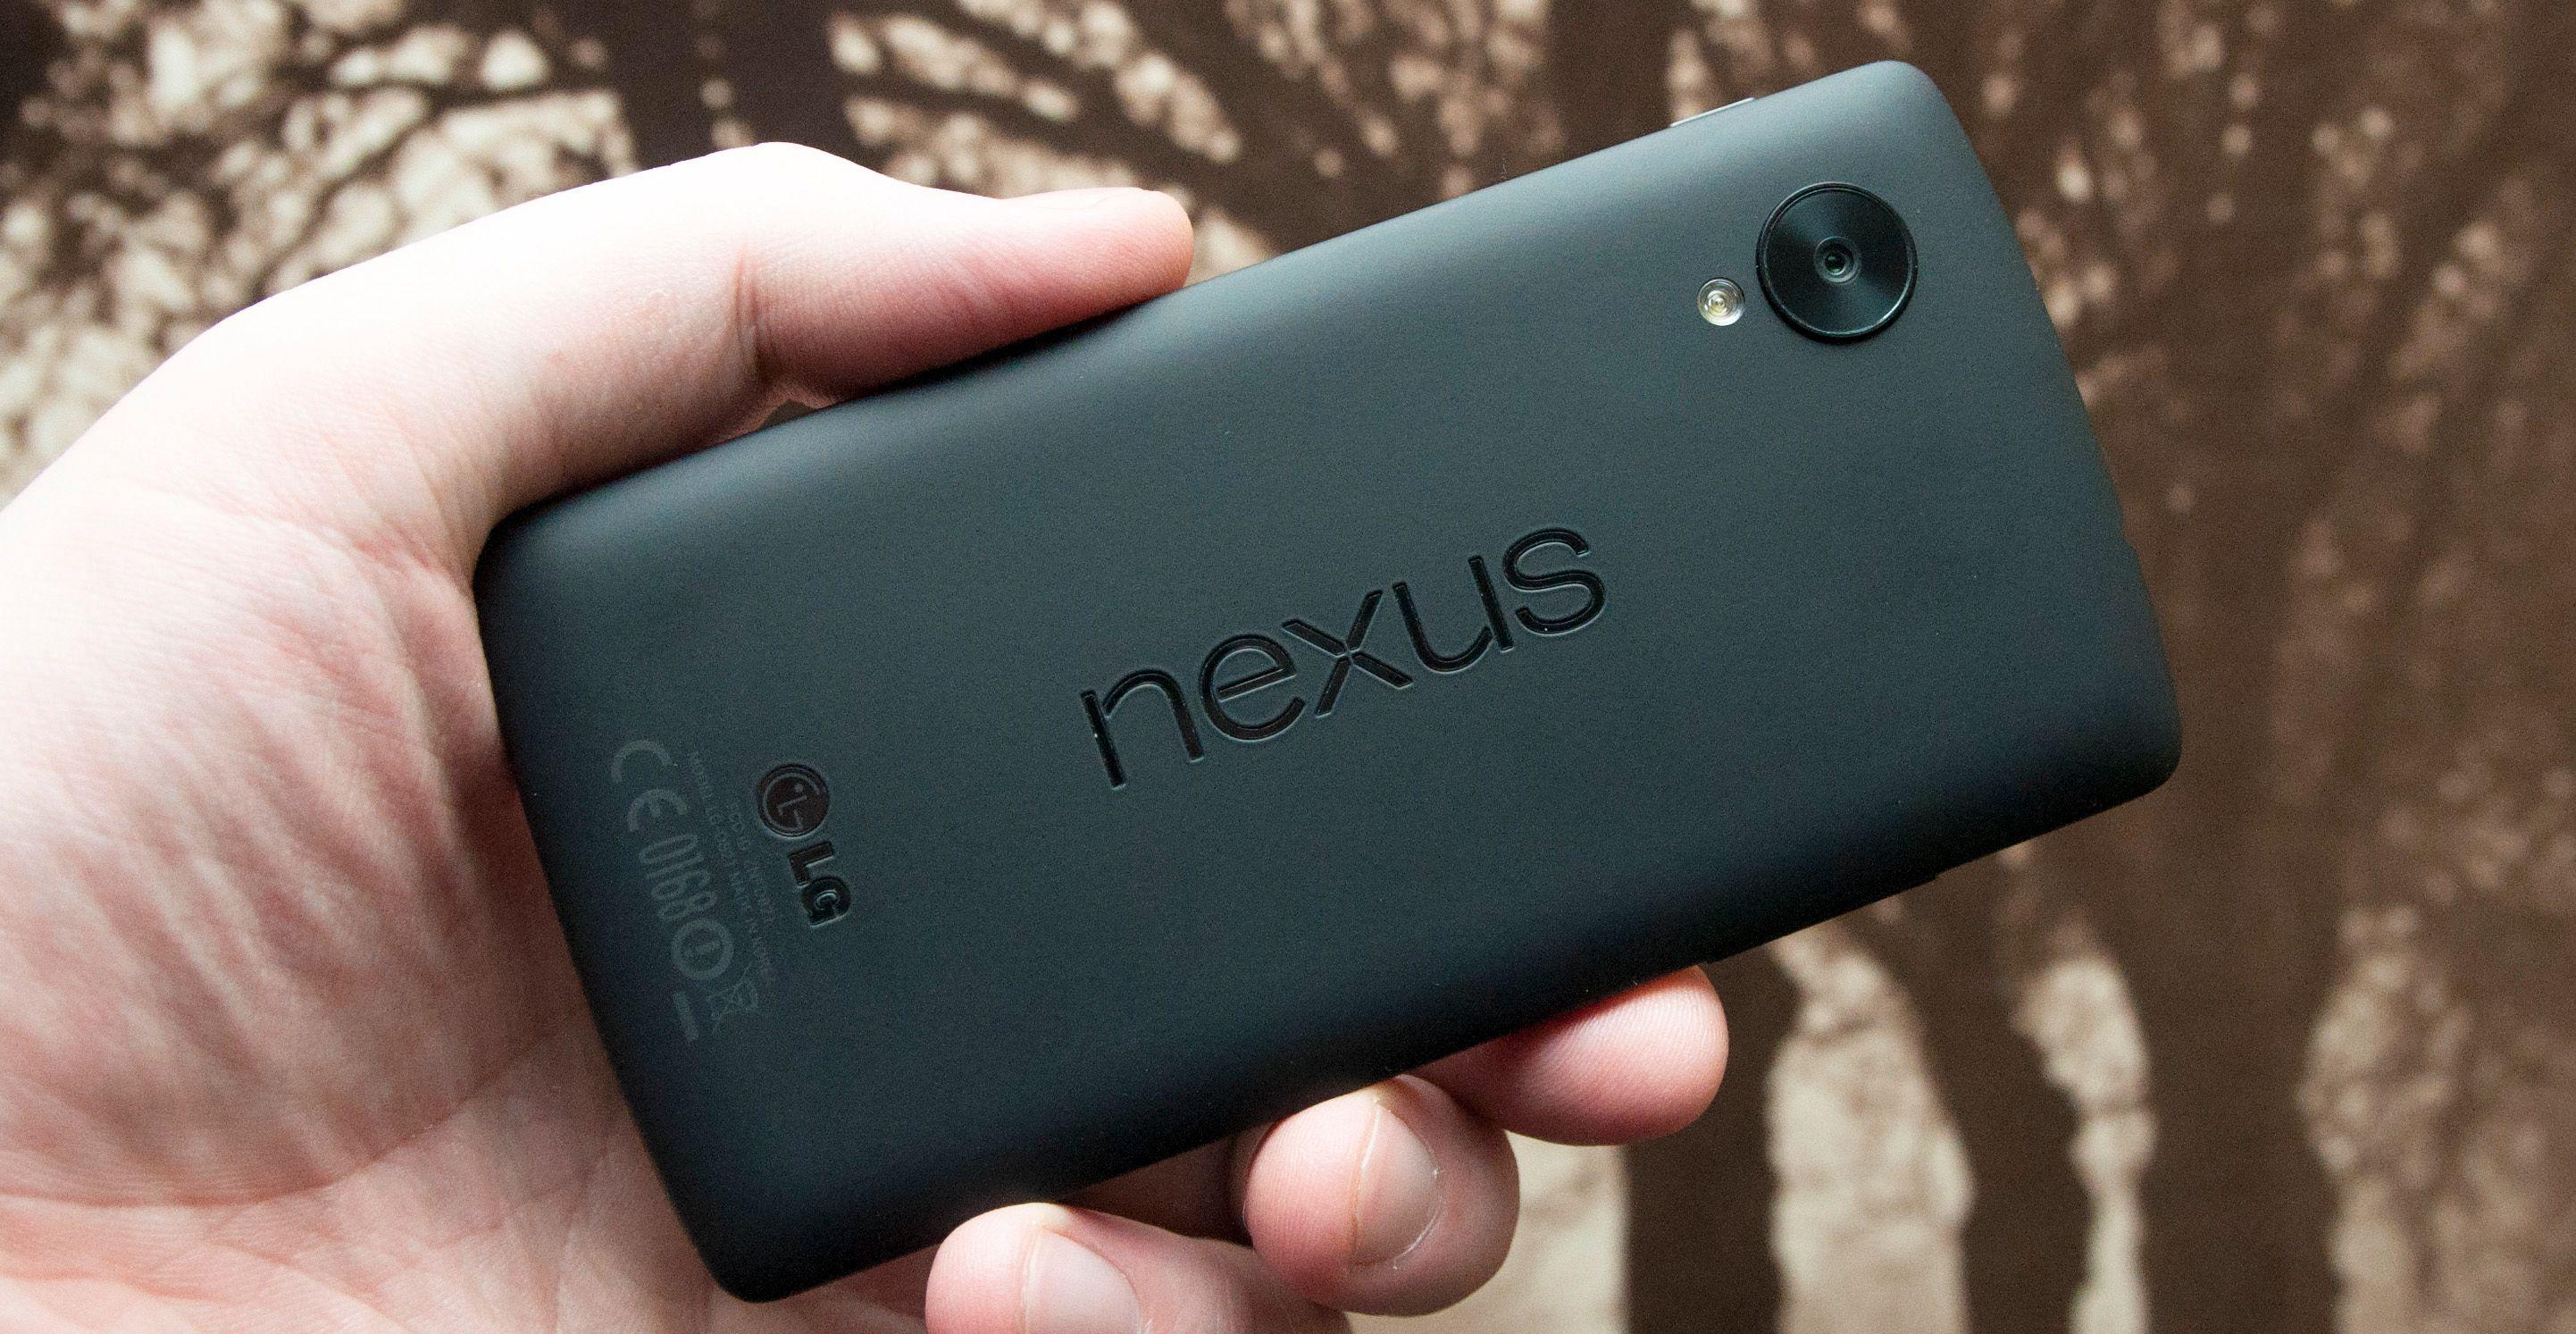 Nexus 5 har gummiert bakside, og en størrelse som gjør at den er god å holde.Foto: Finn Jarle Kvalheim, Amobil.no